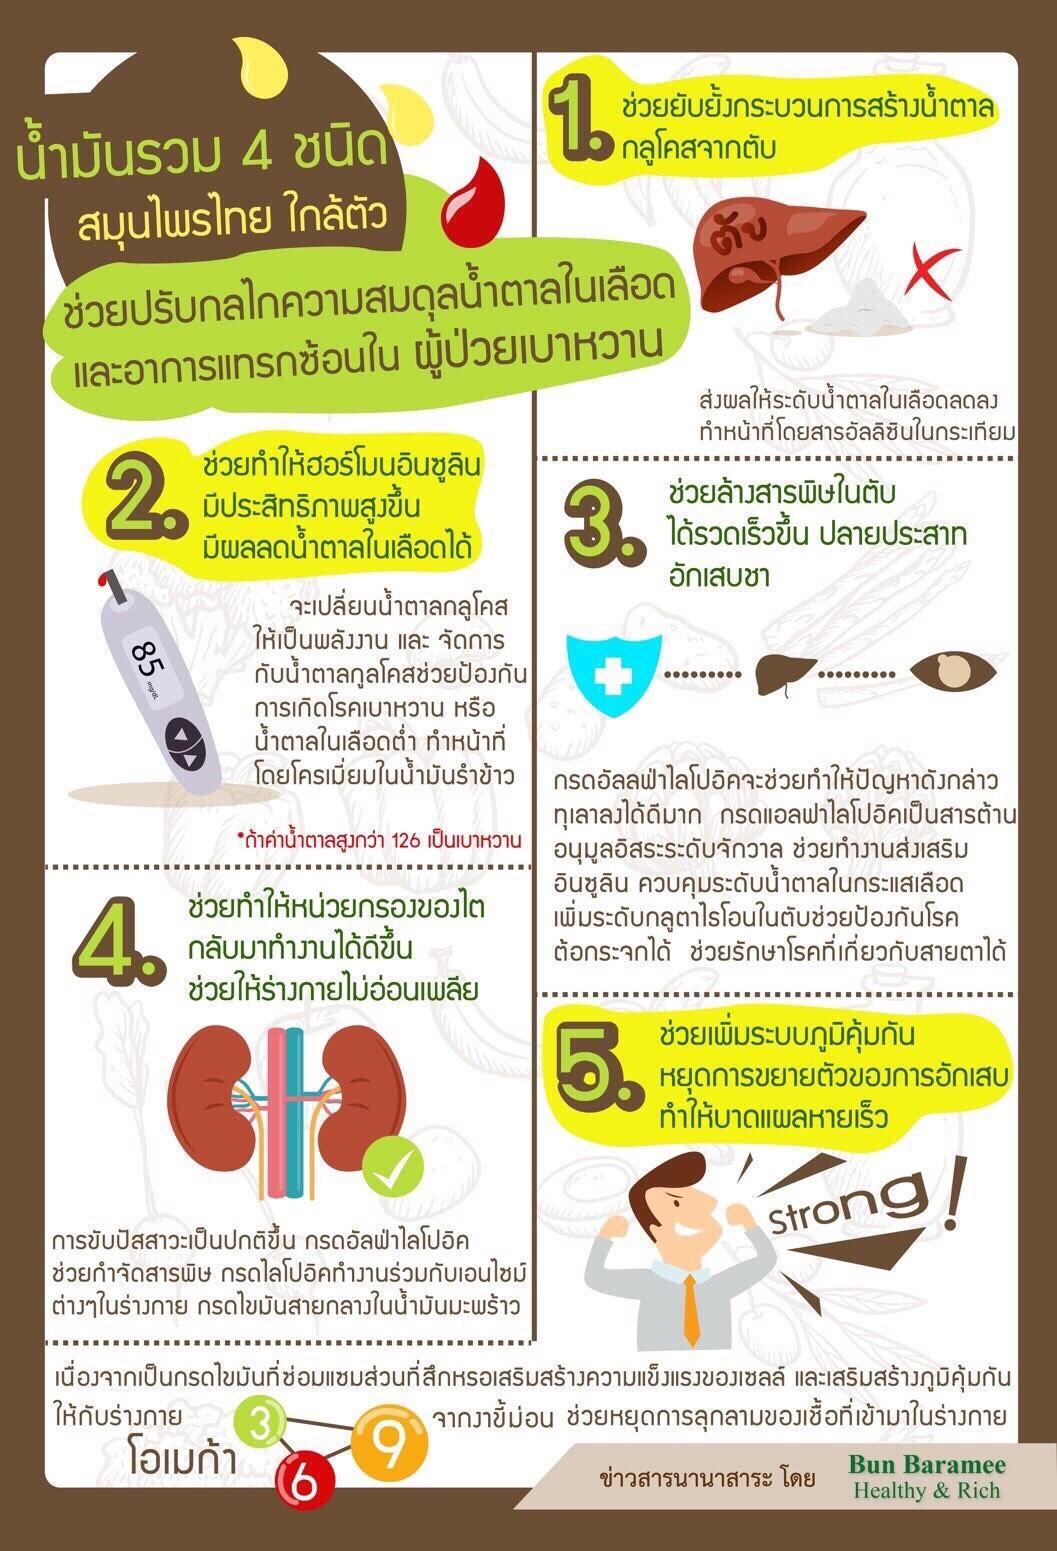 สมุนไพรไทย ออร์แกนิค 100% ไม่ใช่ยาเบาหวาน